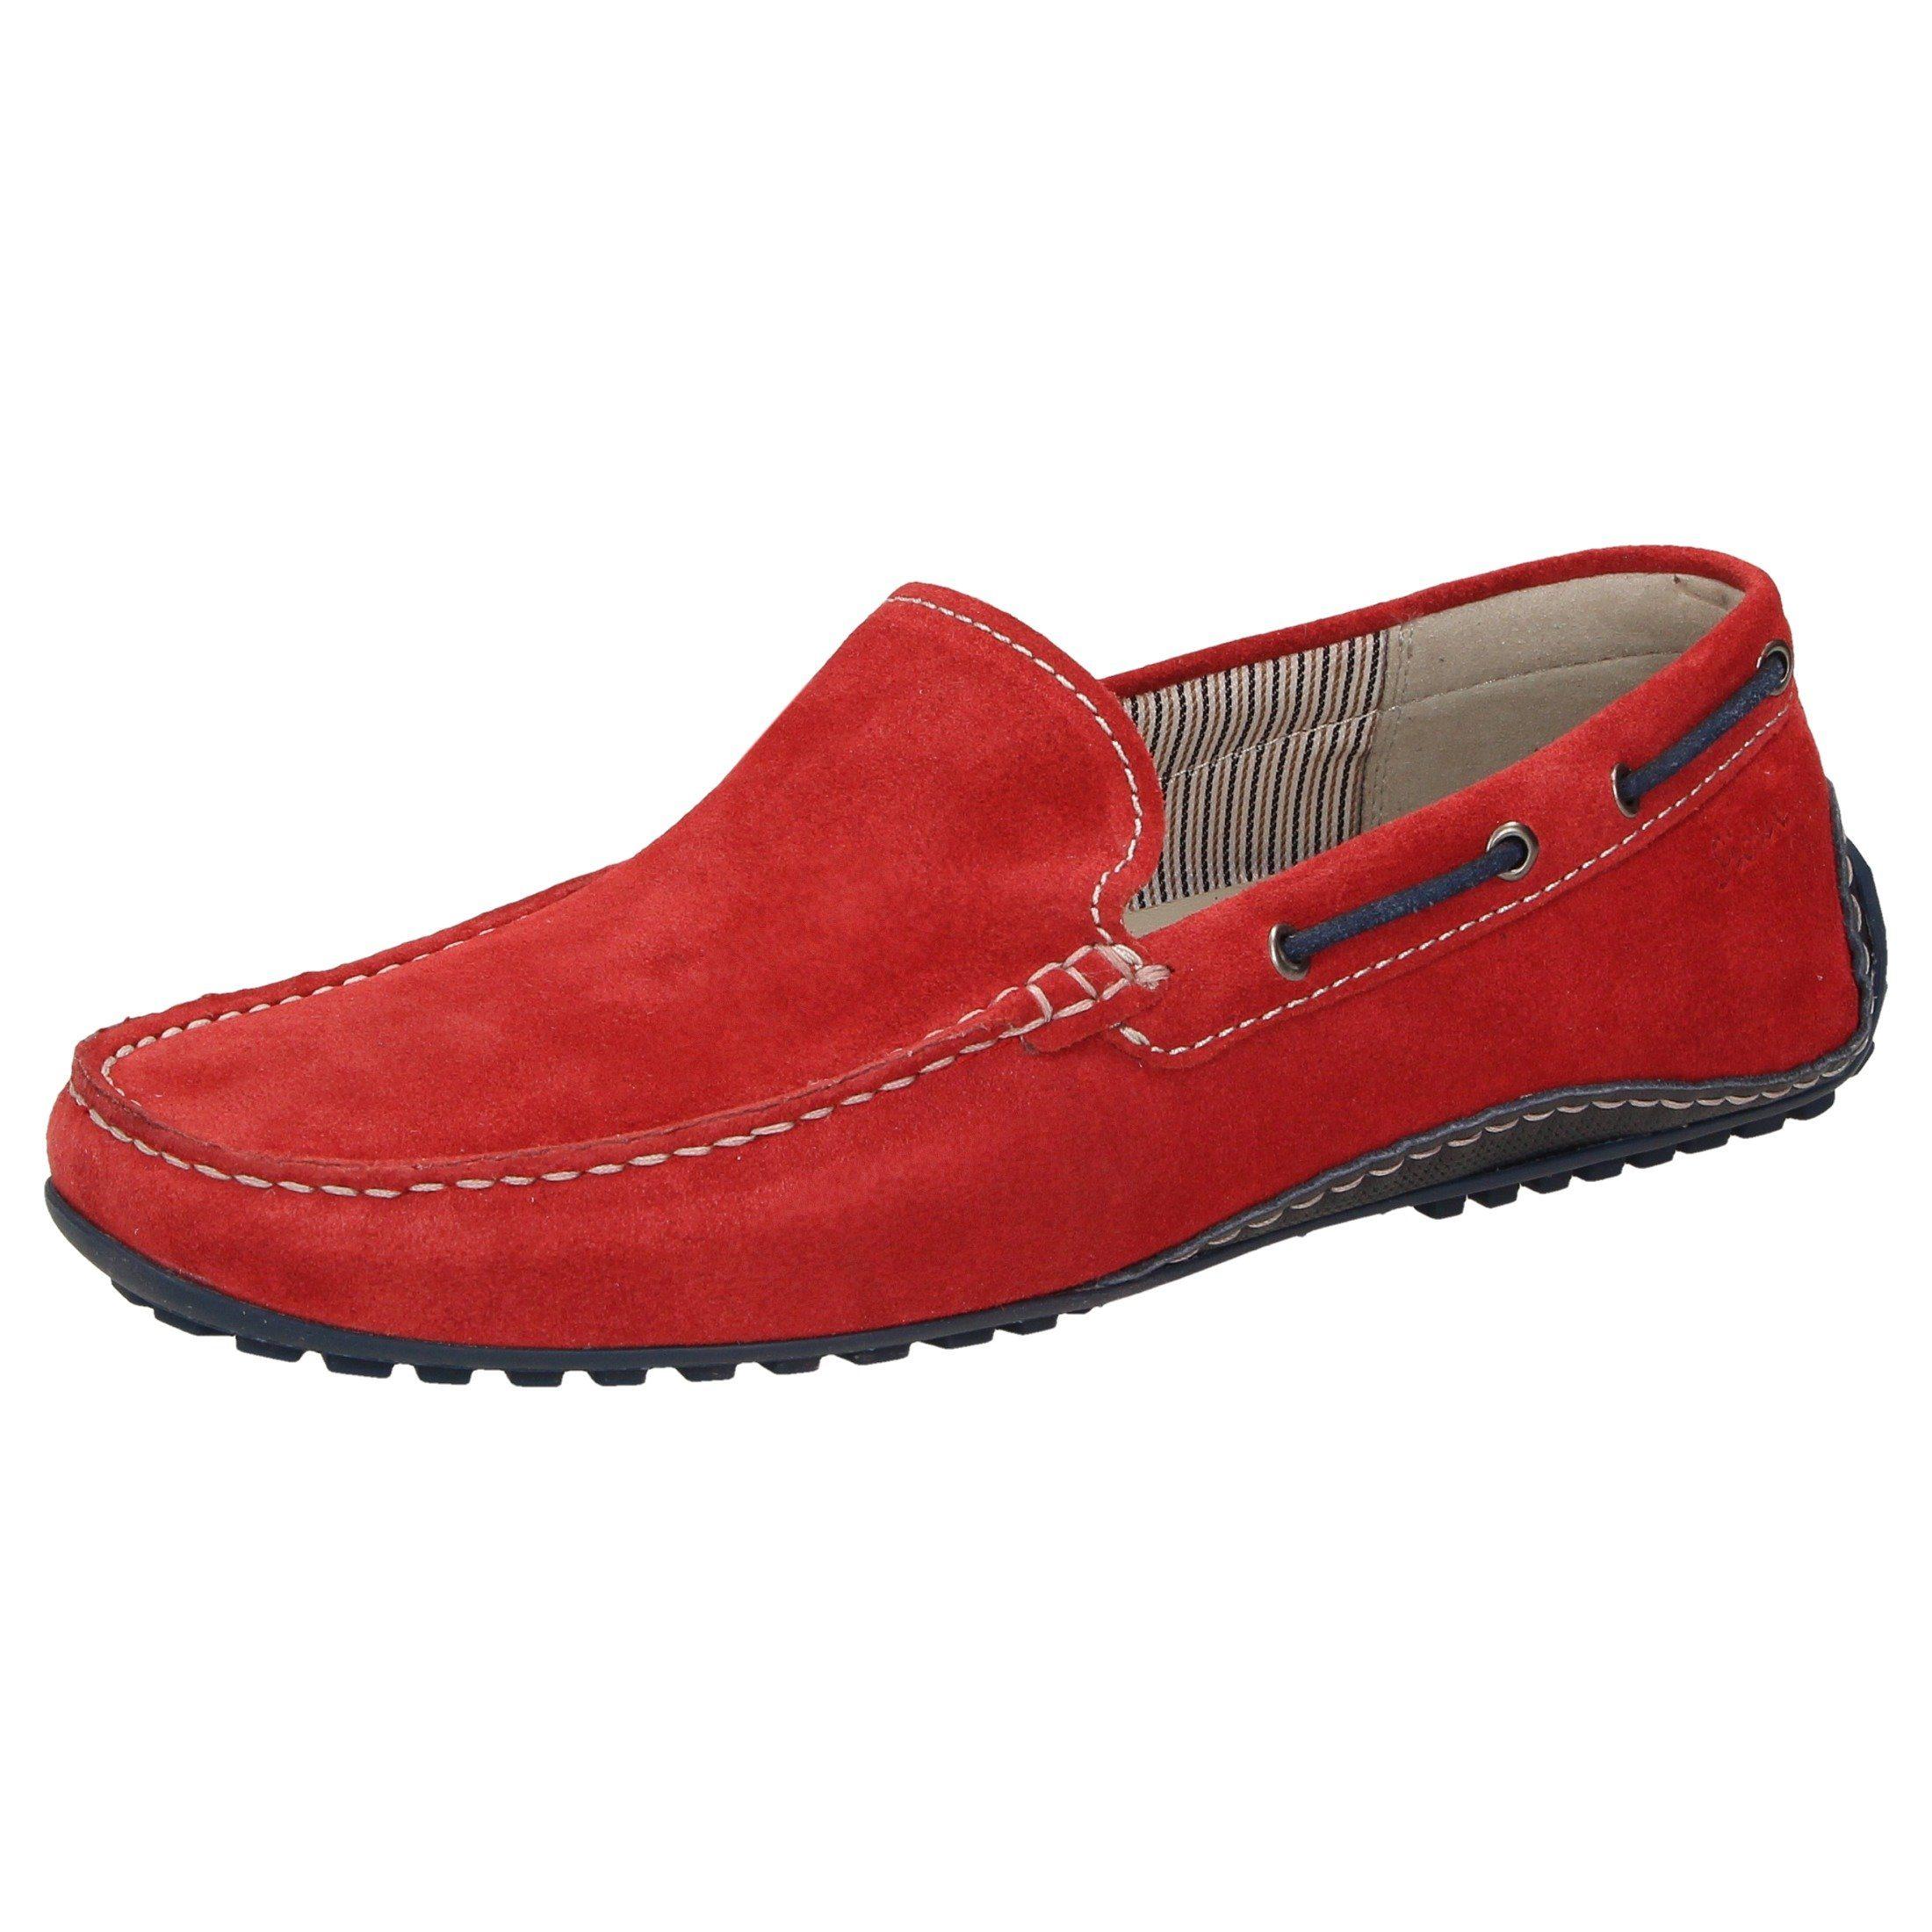 SIOUX Slipper Callimo   Schuhe > Slipper   Rot   Leder - Gummi   Sioux